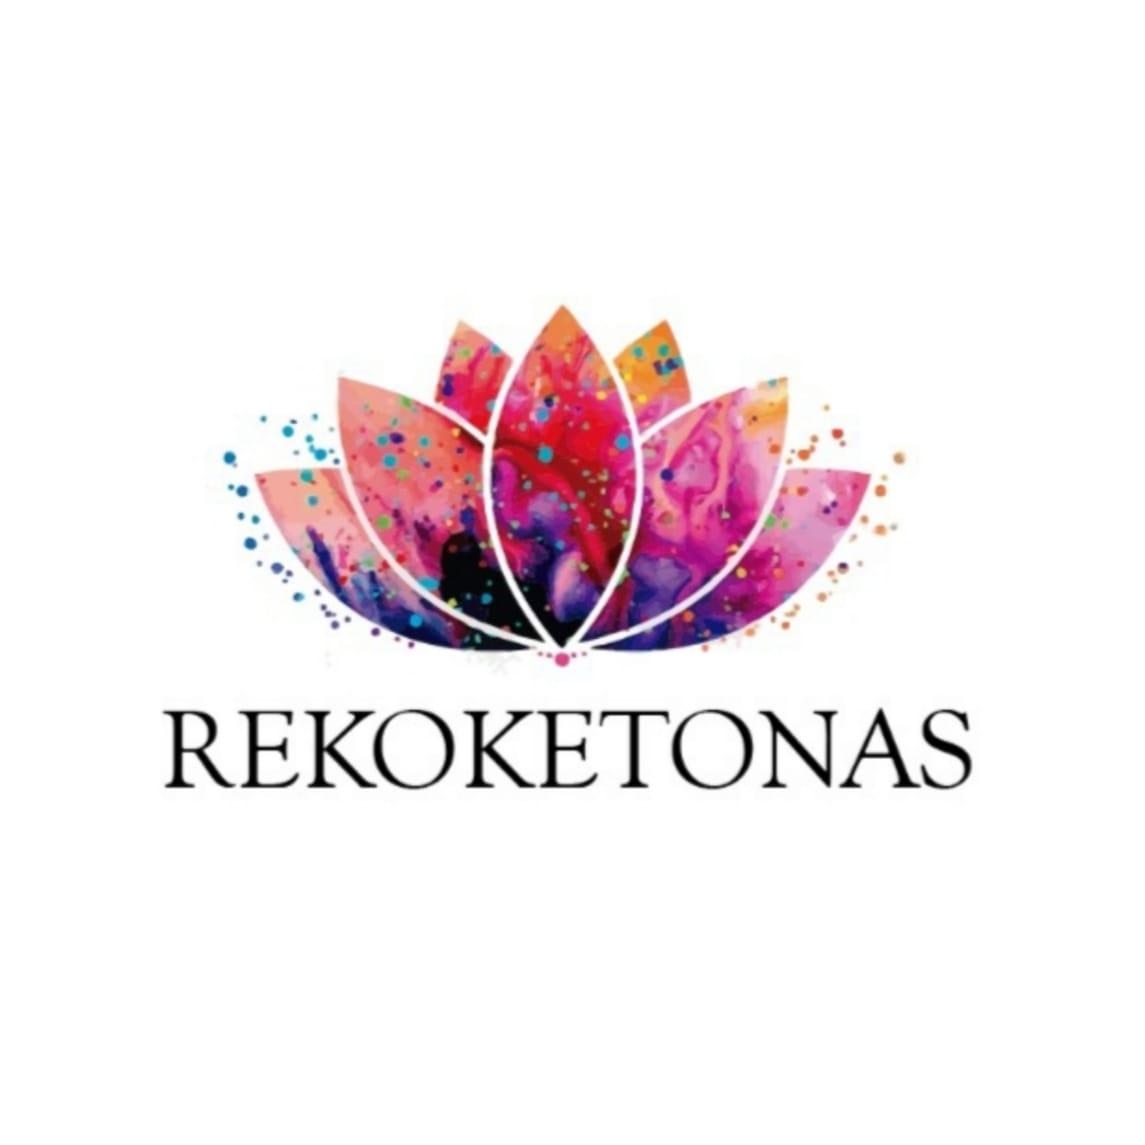 Rekoketonas